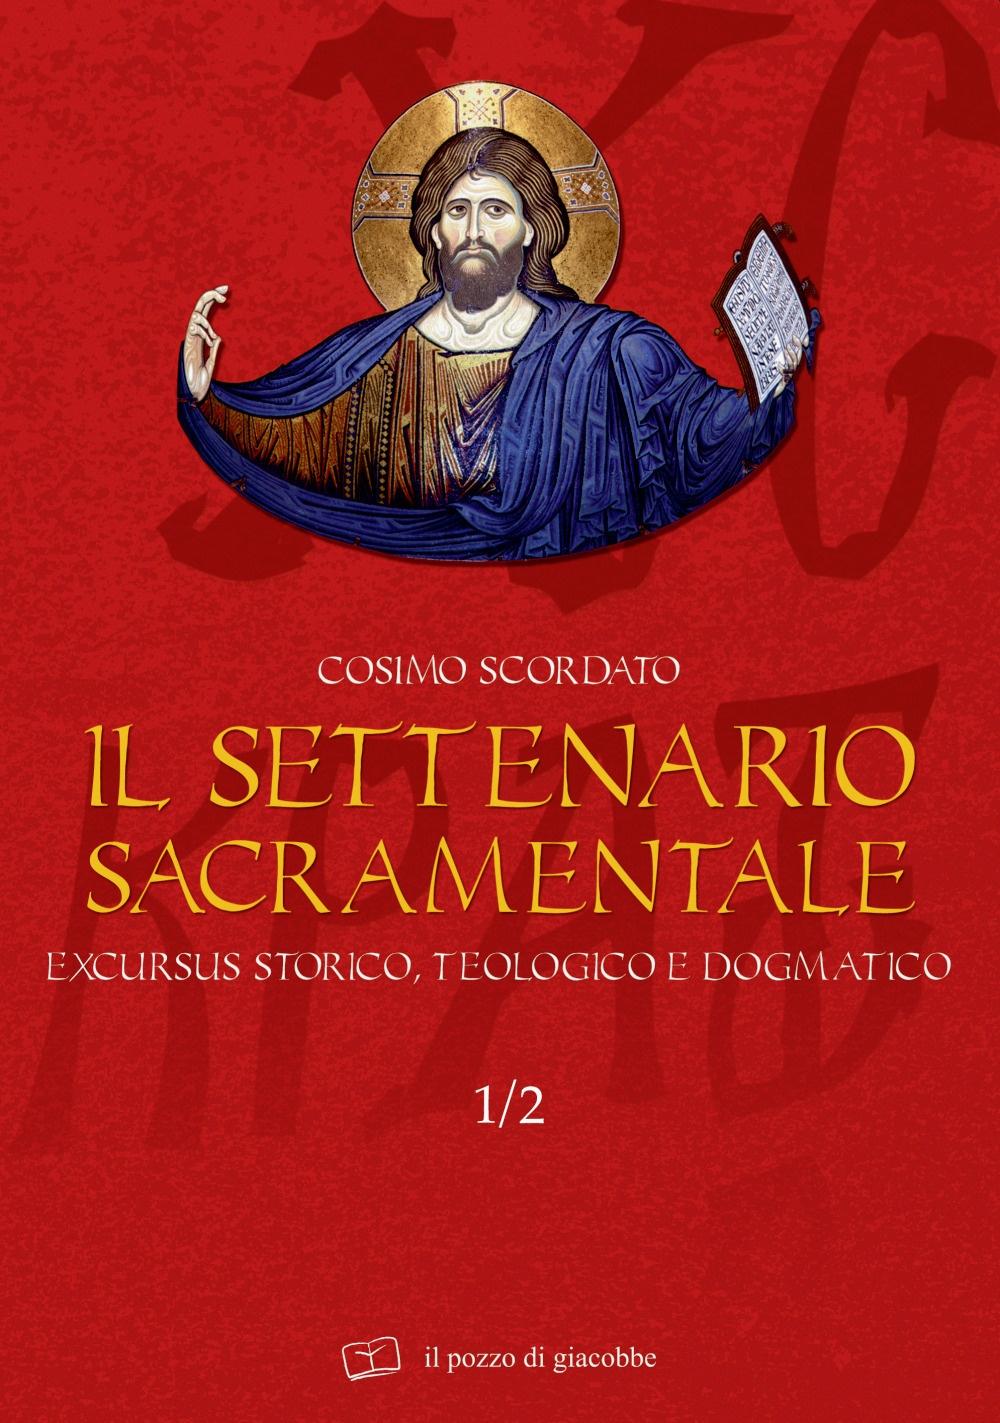 Il settenario sacramentale. Vol. 1/2: Excursus storico-teologico e dogmatico